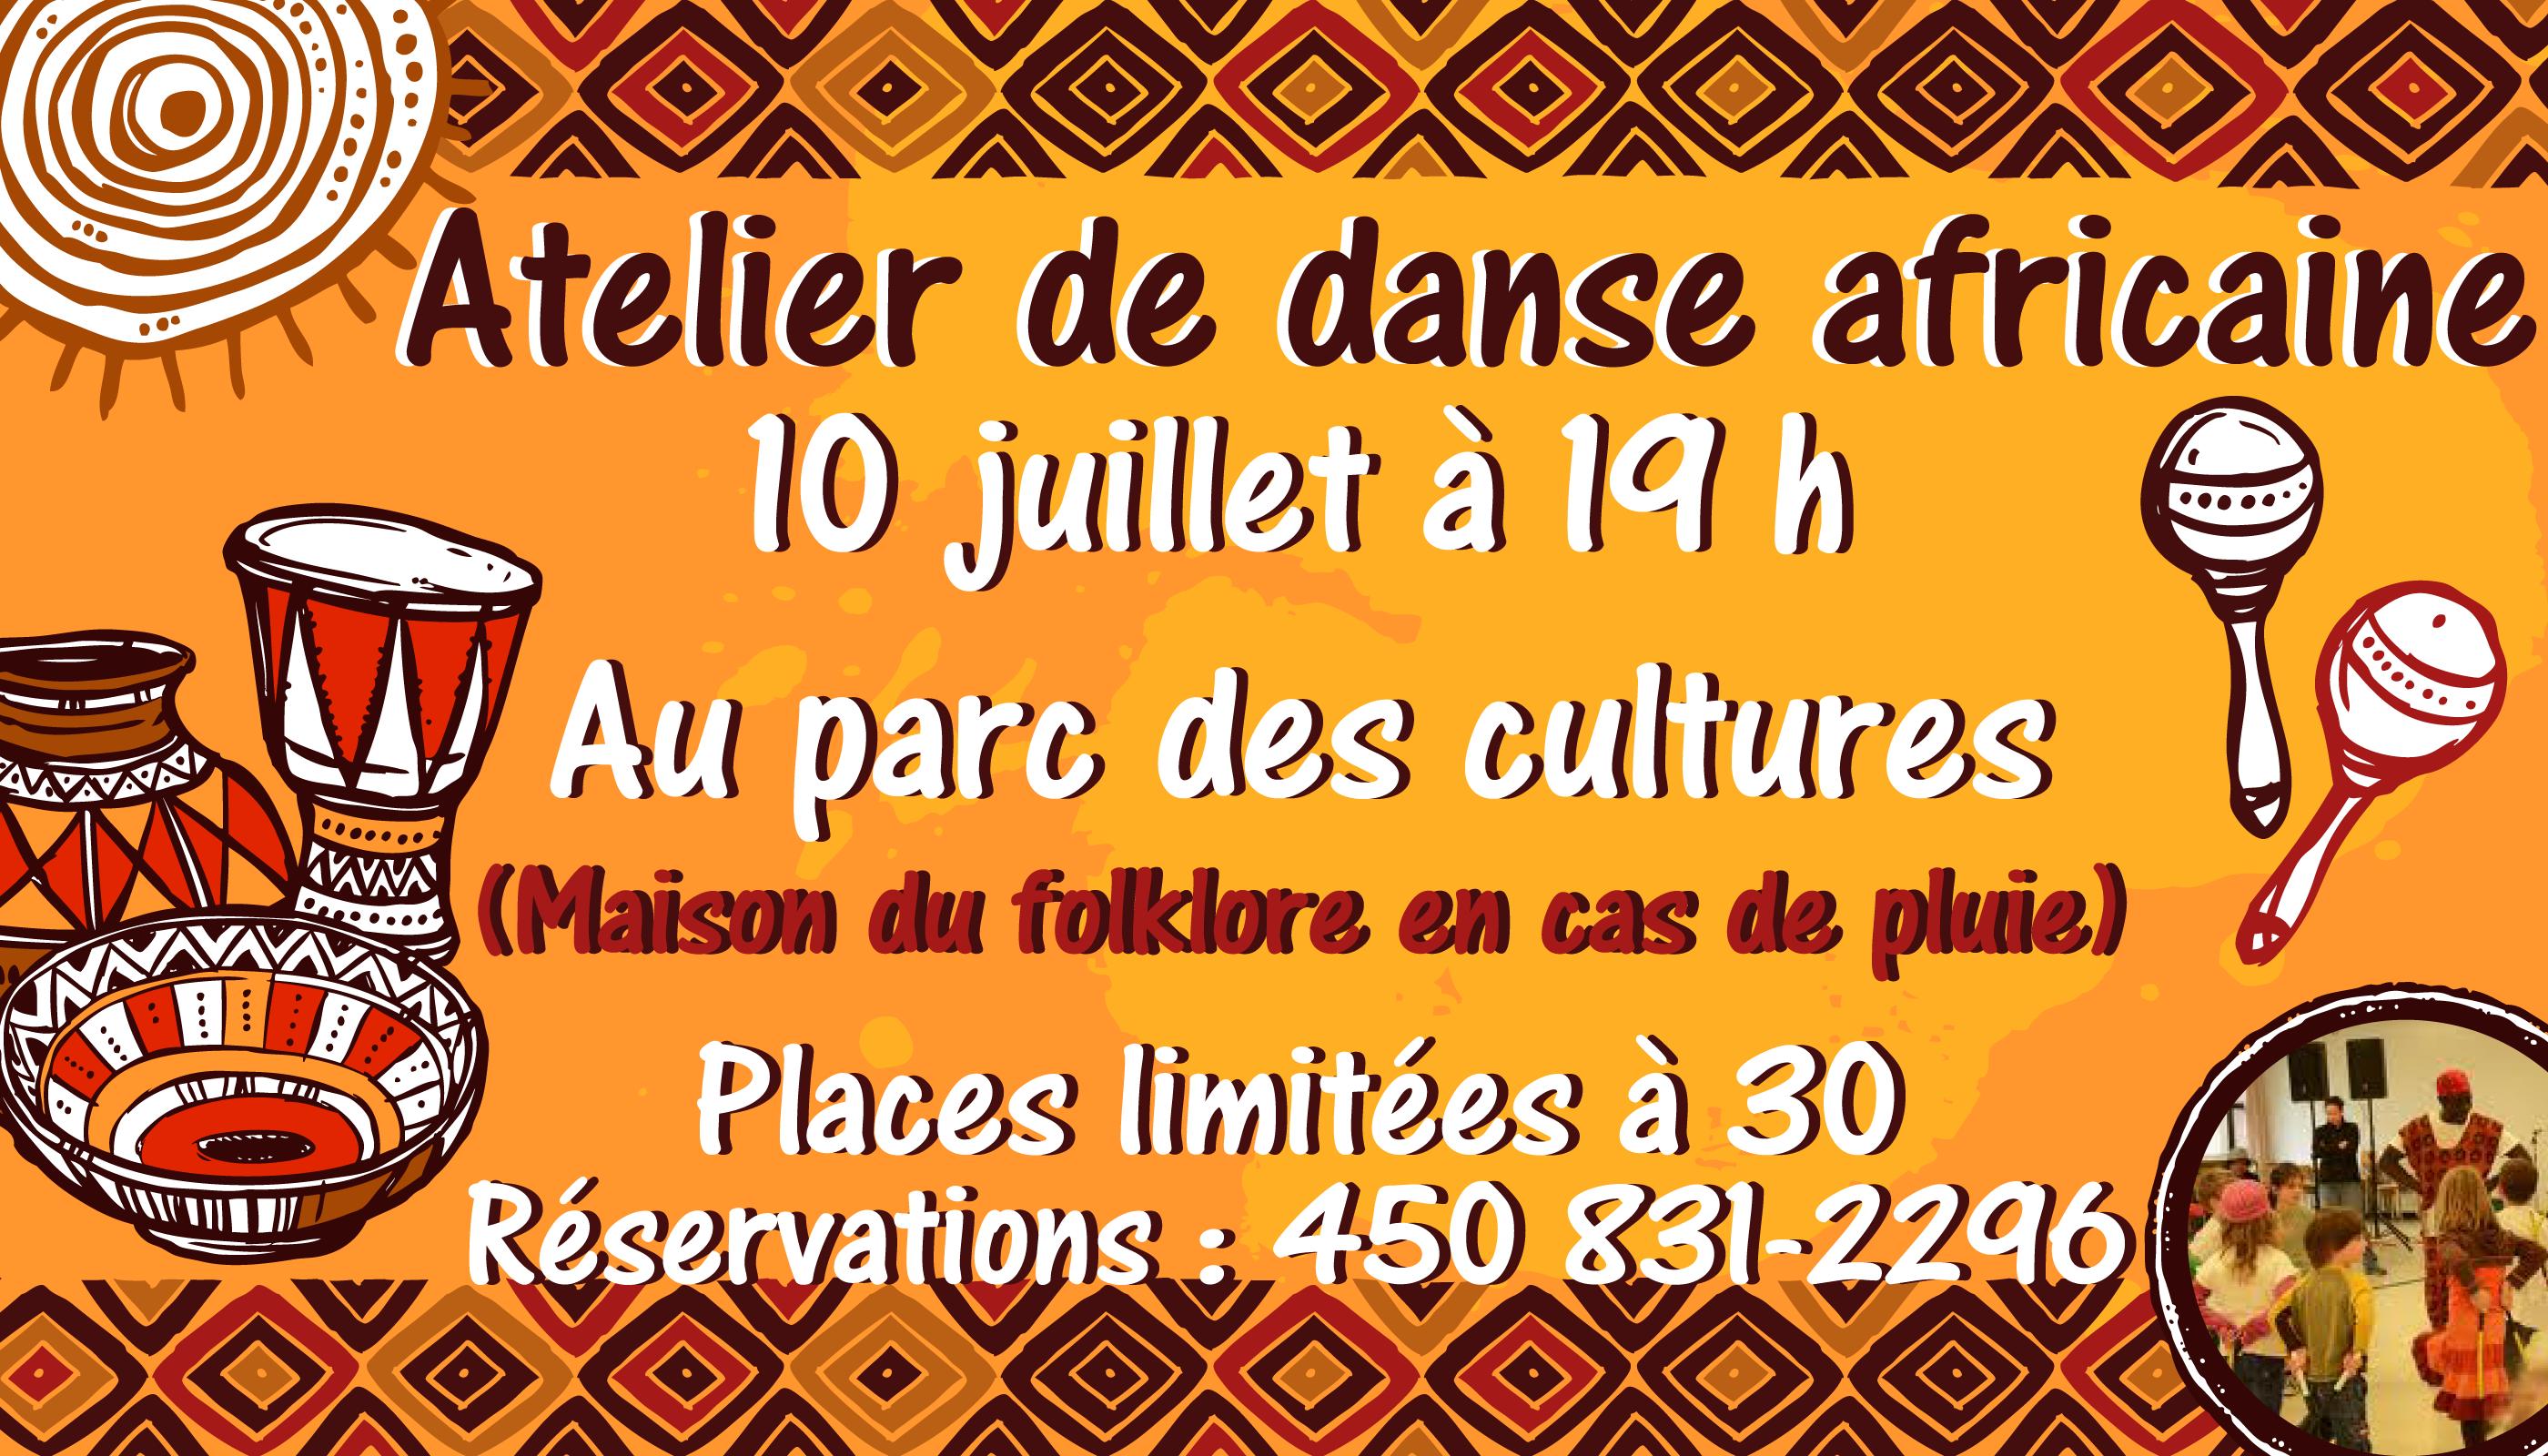 Symposium de danse   Atelier de danse africaine @ Parc des cultures